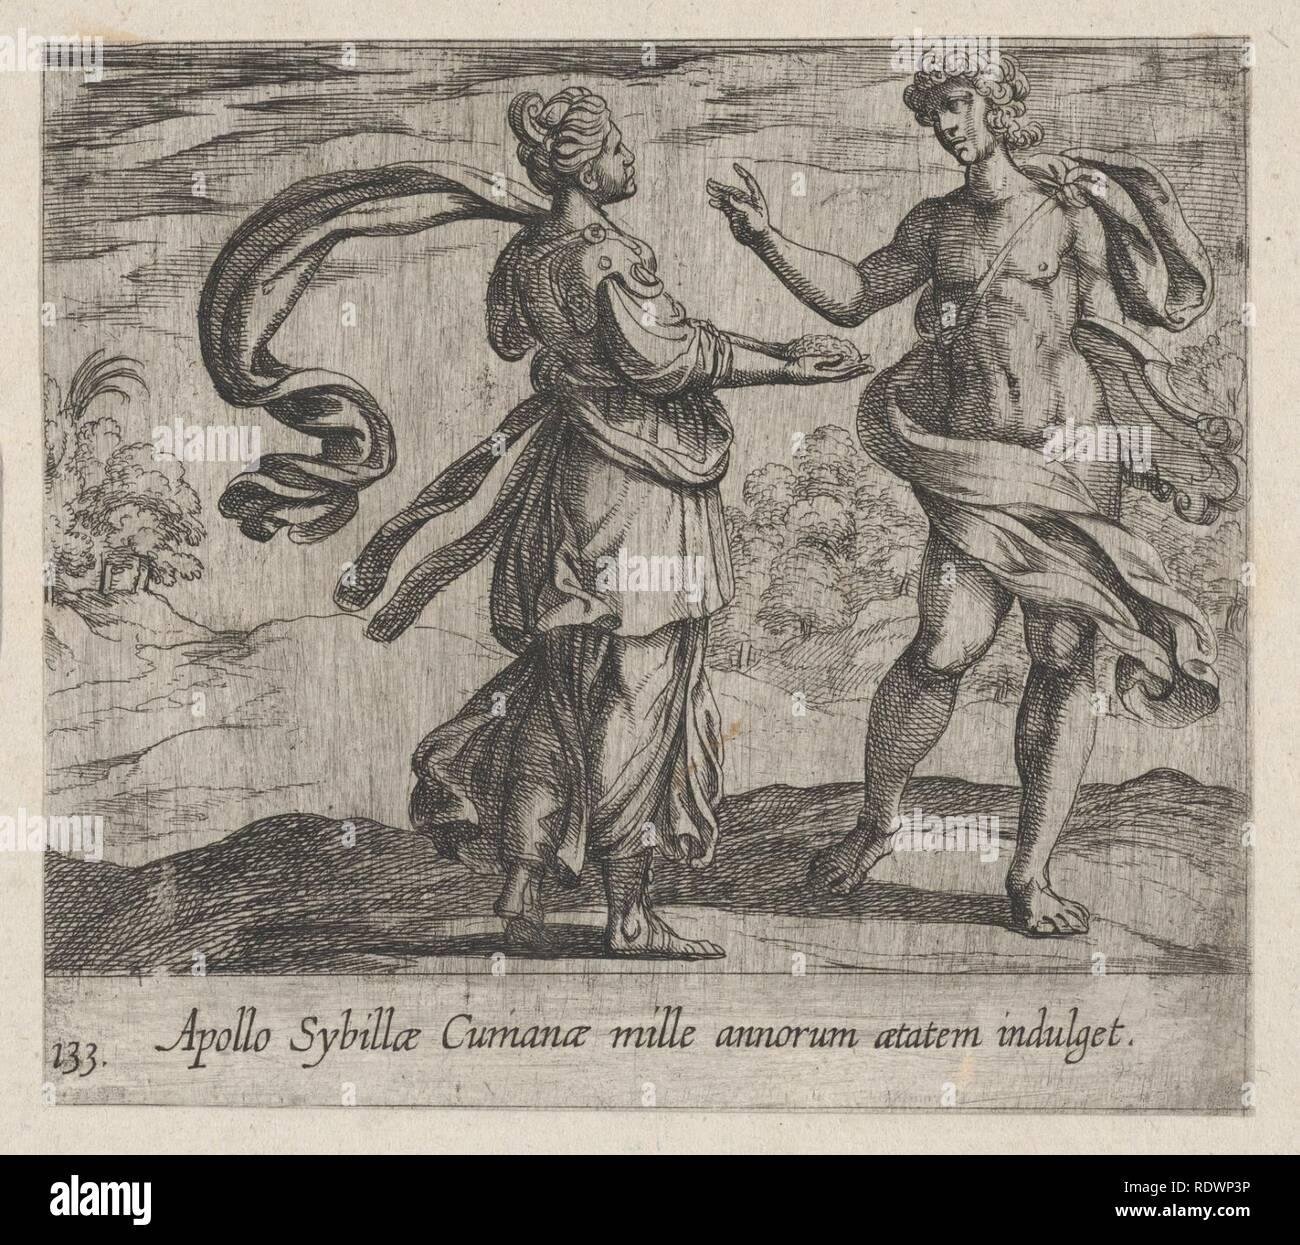 Apollo Granting the Cumaean Sybil's Wish (Apollo Sybillae Cumanae mille annorum atatem indulget), from Ovid's The Metamorphoses, plate 133 - Stock Image